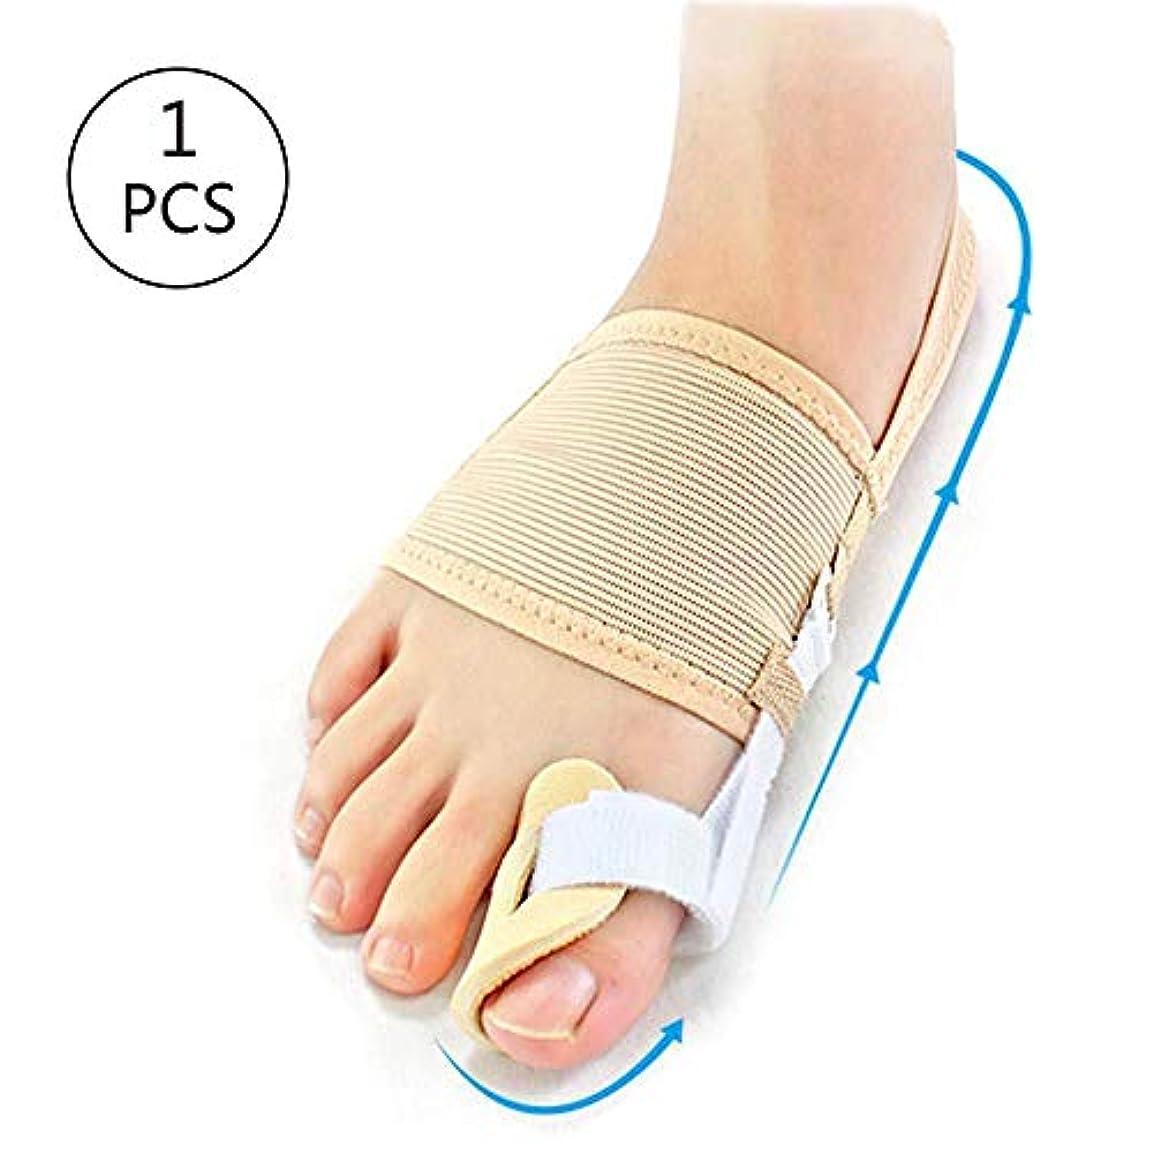 ドルめったに内向き外反母tho、外反母、ナイトスプリント、足の親指、矯正、矯正、足指、整形外科、痛みの緩和とサポート(1)ユニバーサル